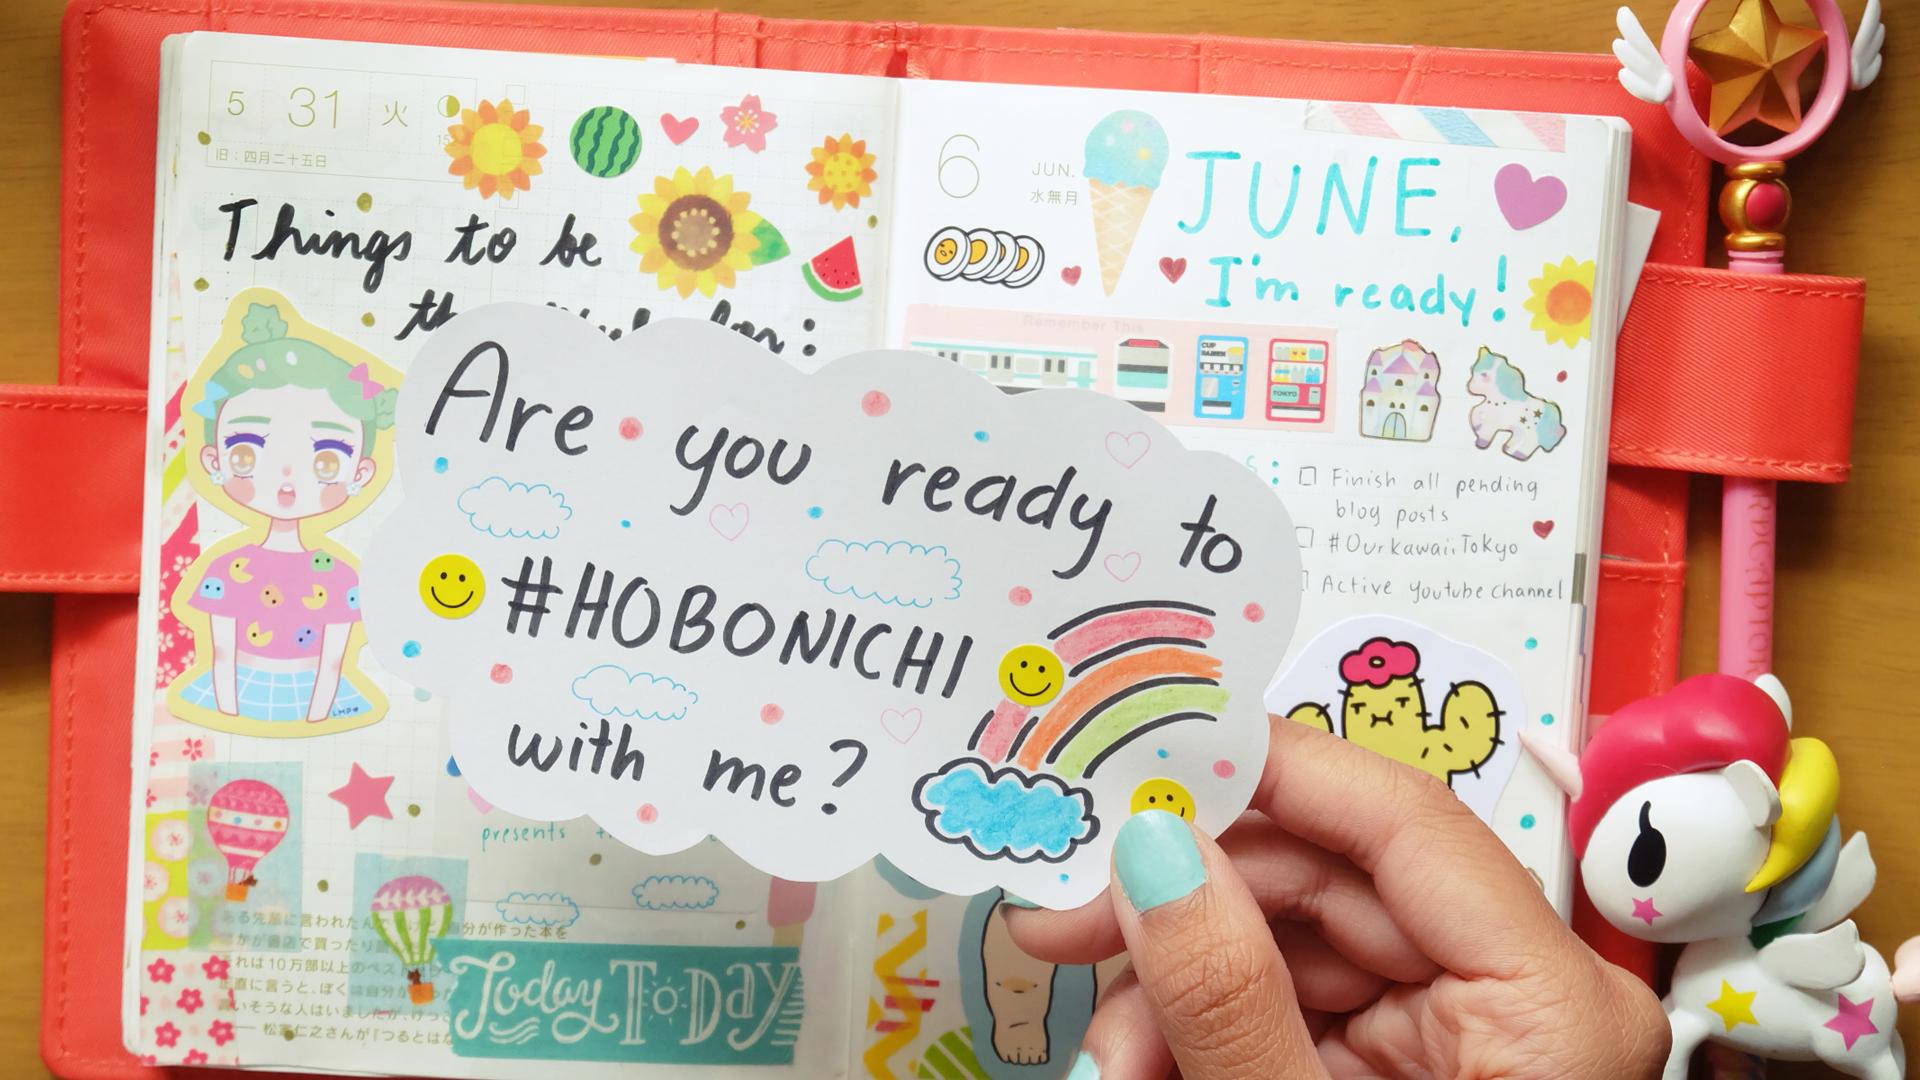 hobonichi with me